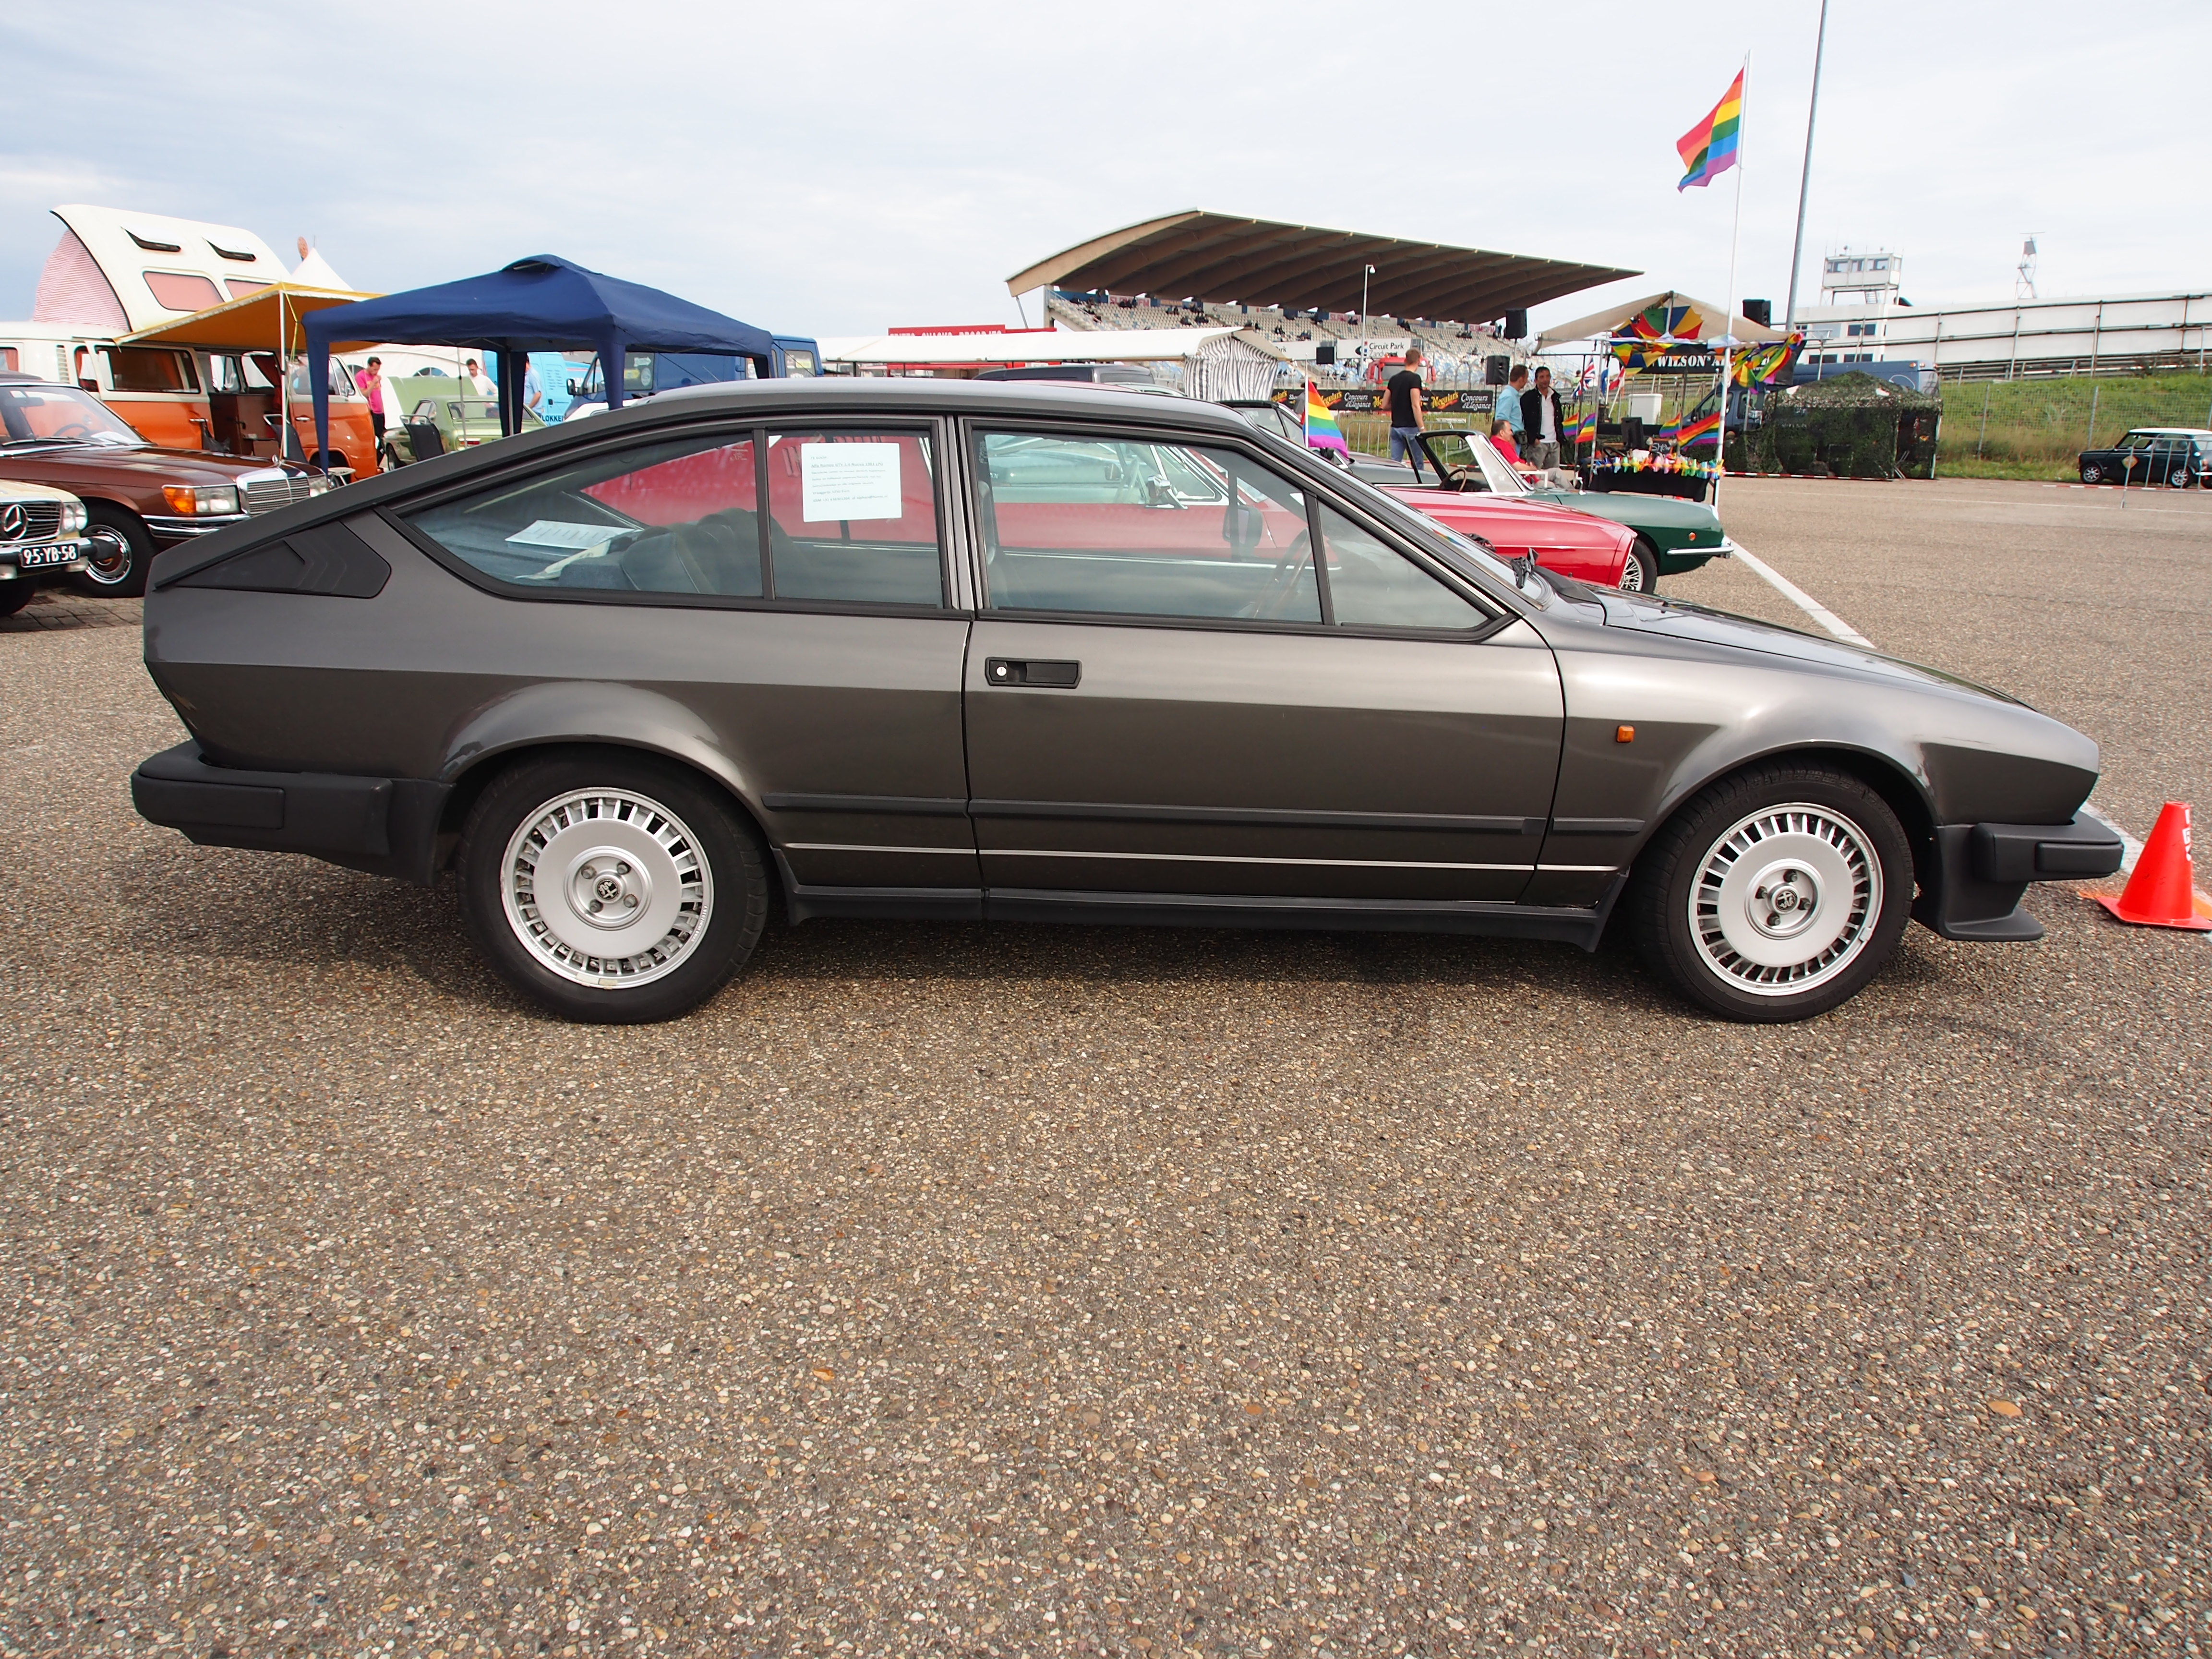 File:1984 ALFA ROMEO GTV2.0, licence 09-PZV-1, pic3.JPG - Wikimedia ...